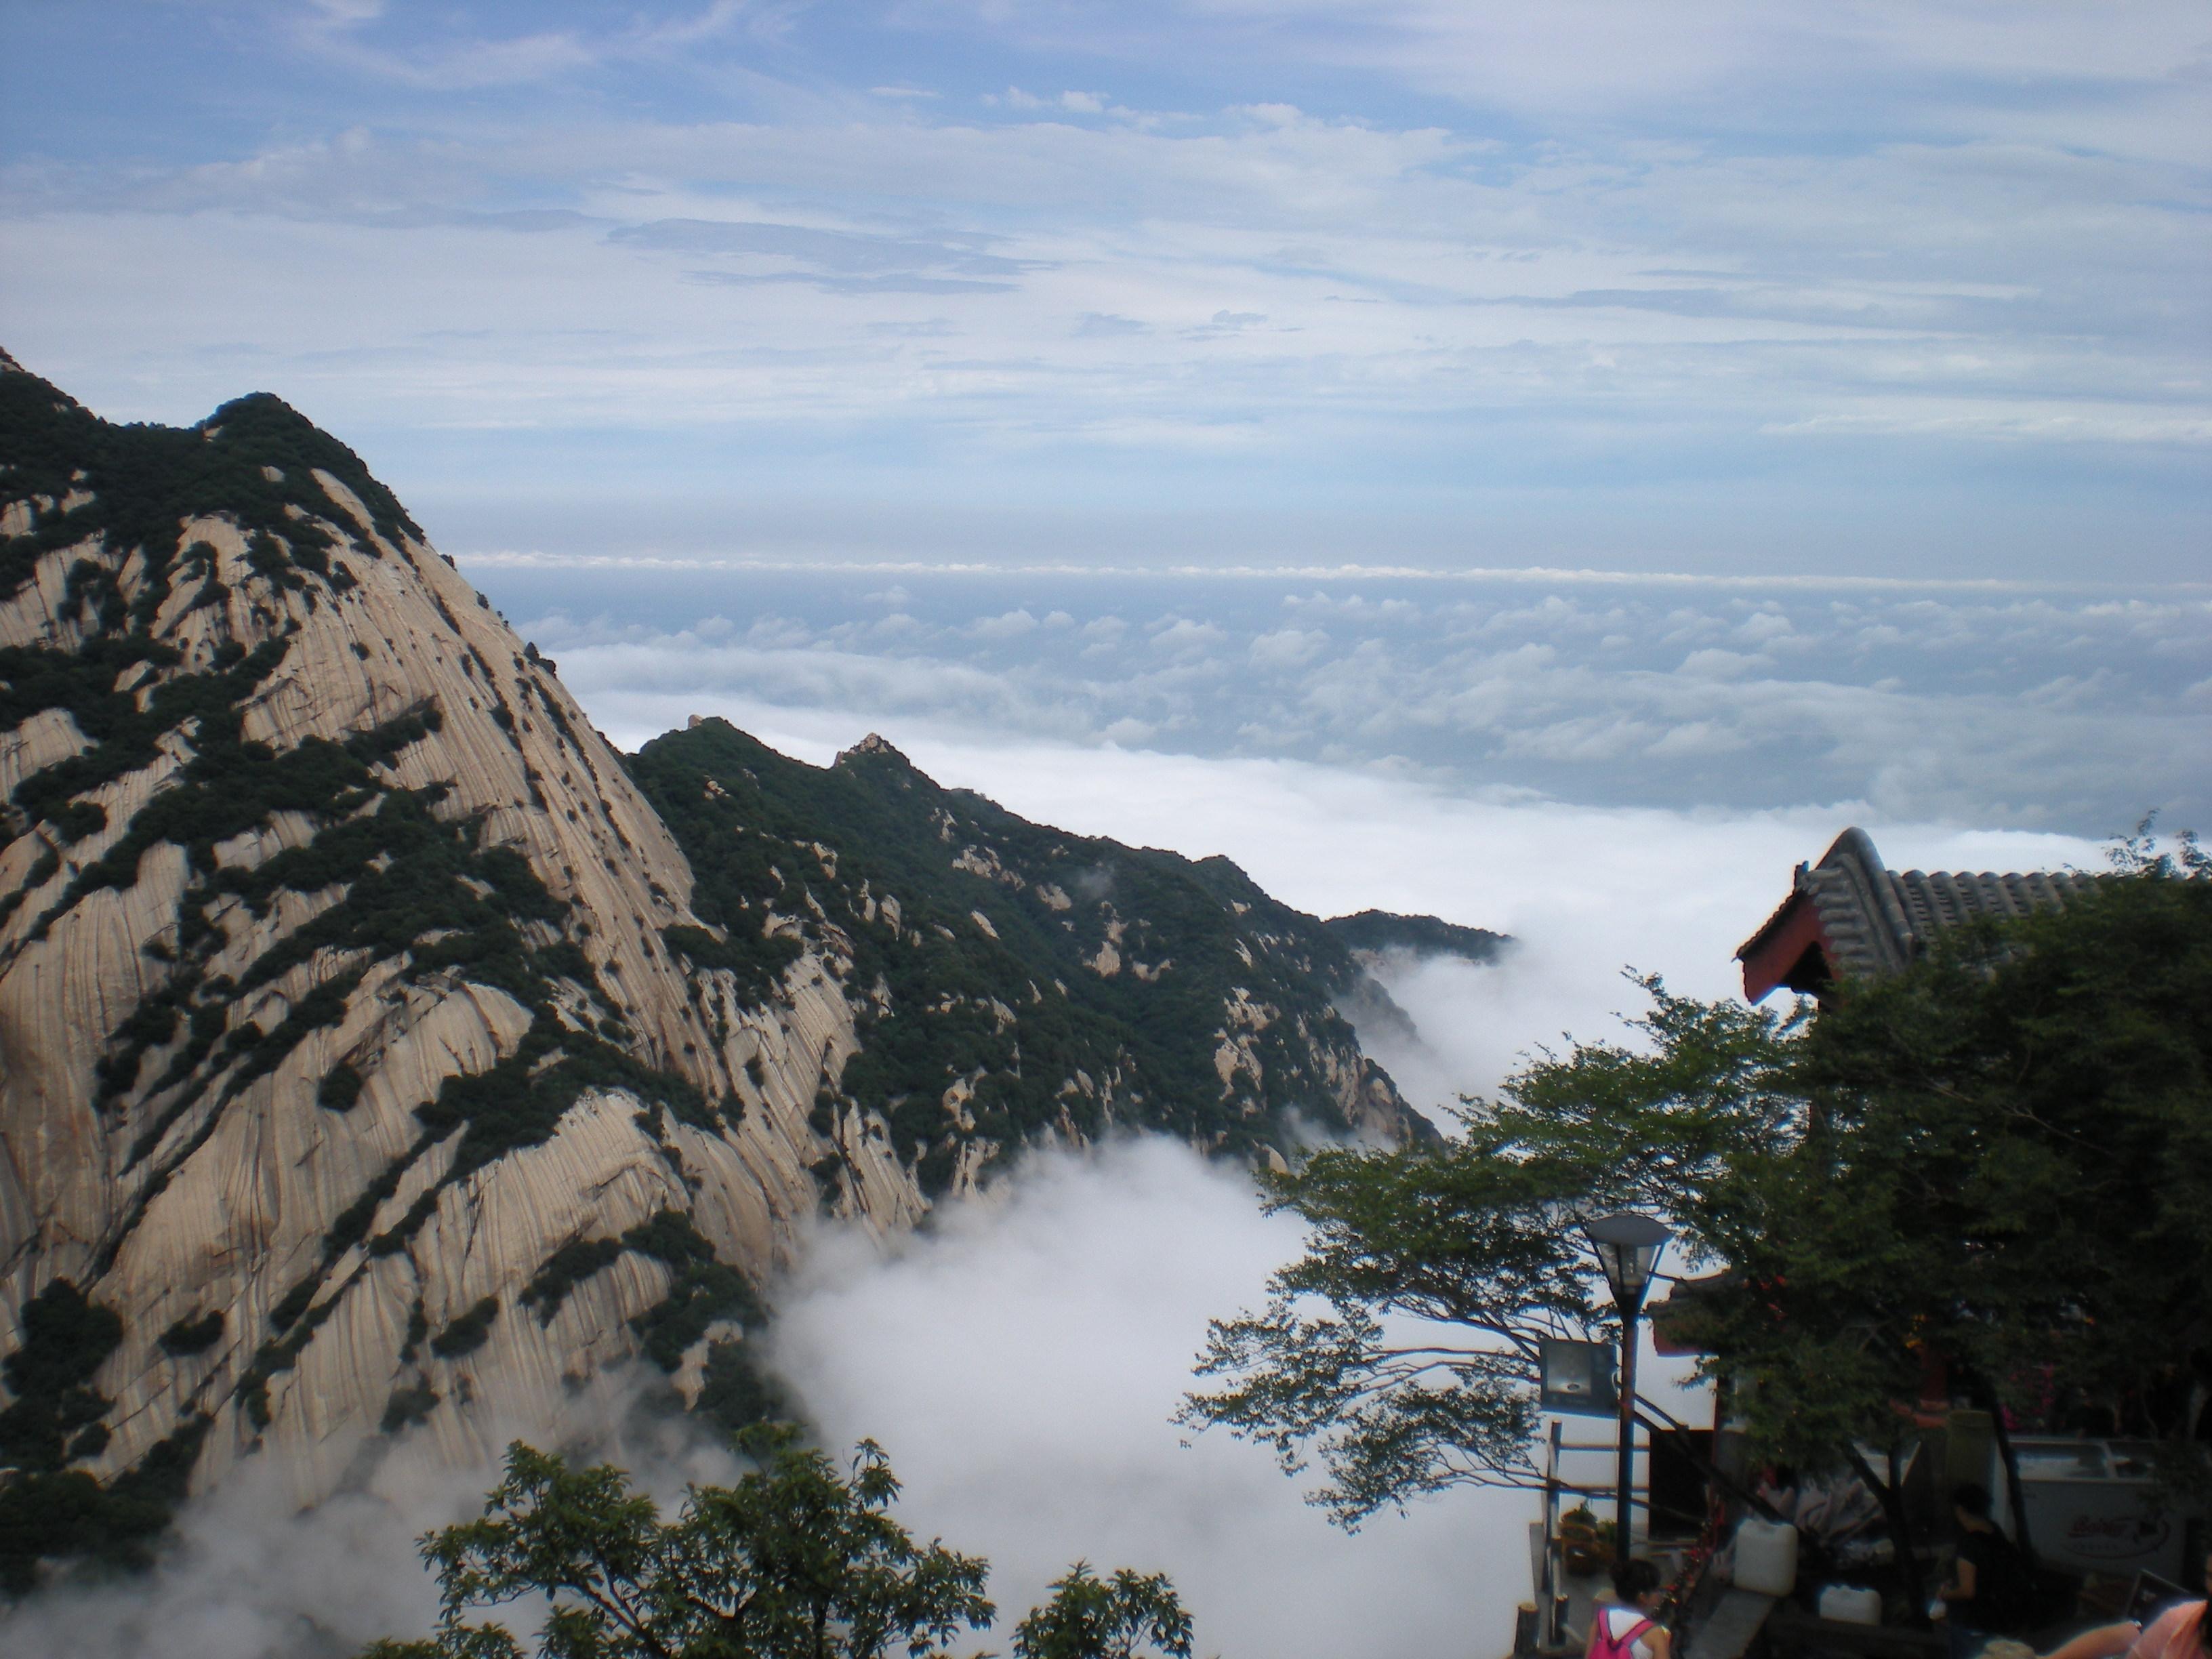 【携程攻略】华山北峰好玩吗,华山北峰景点怎么样图片